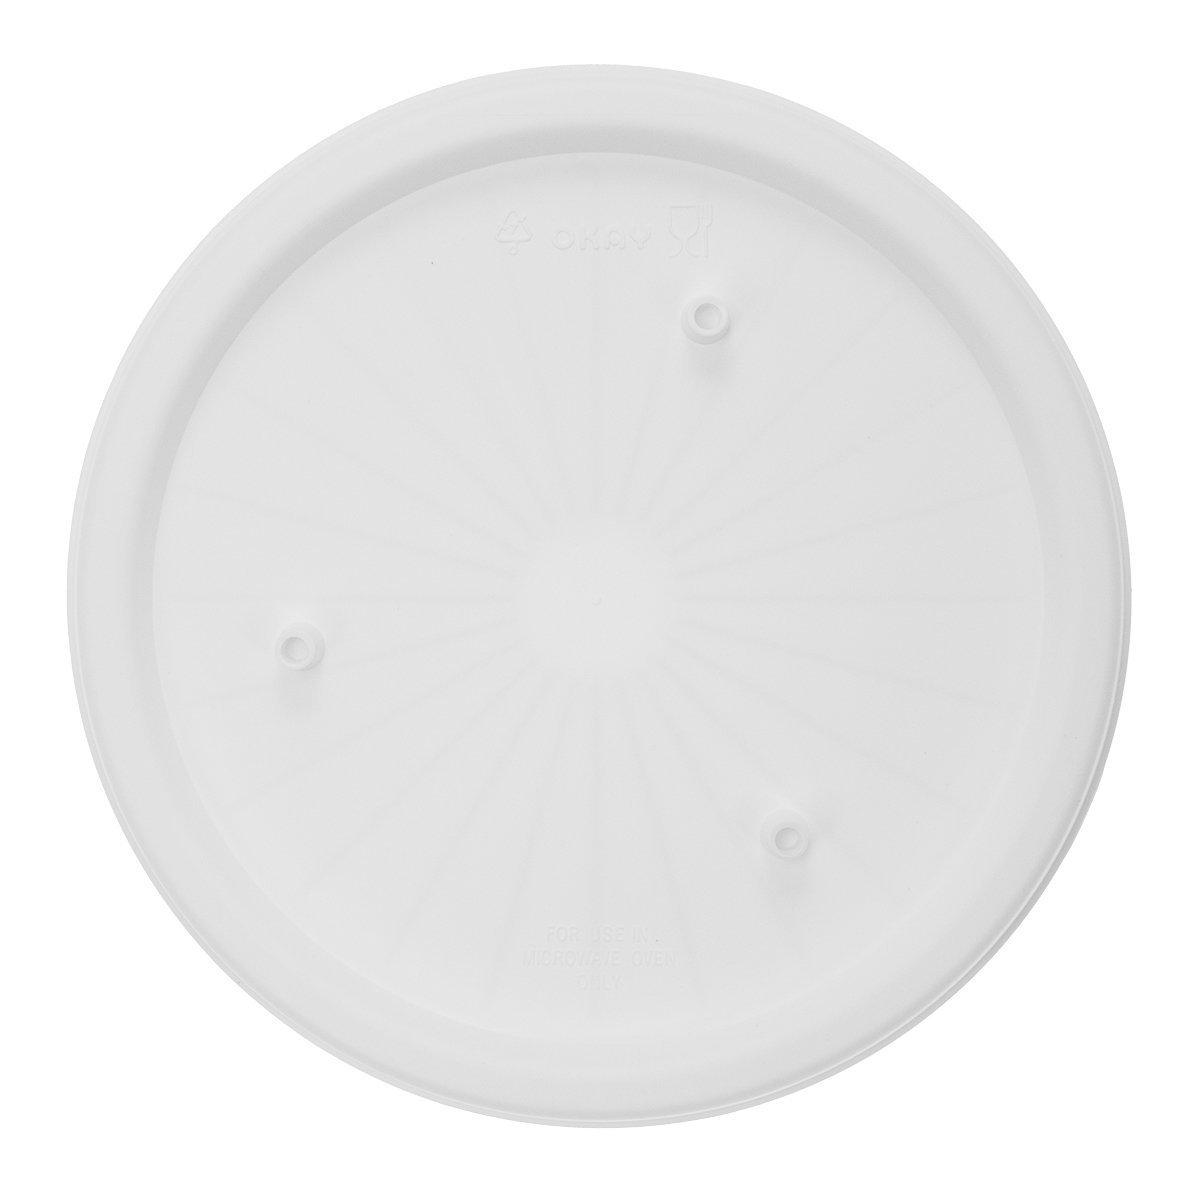 Amazon.com: Plato de pizza para Microondas, Cocina bacon ...